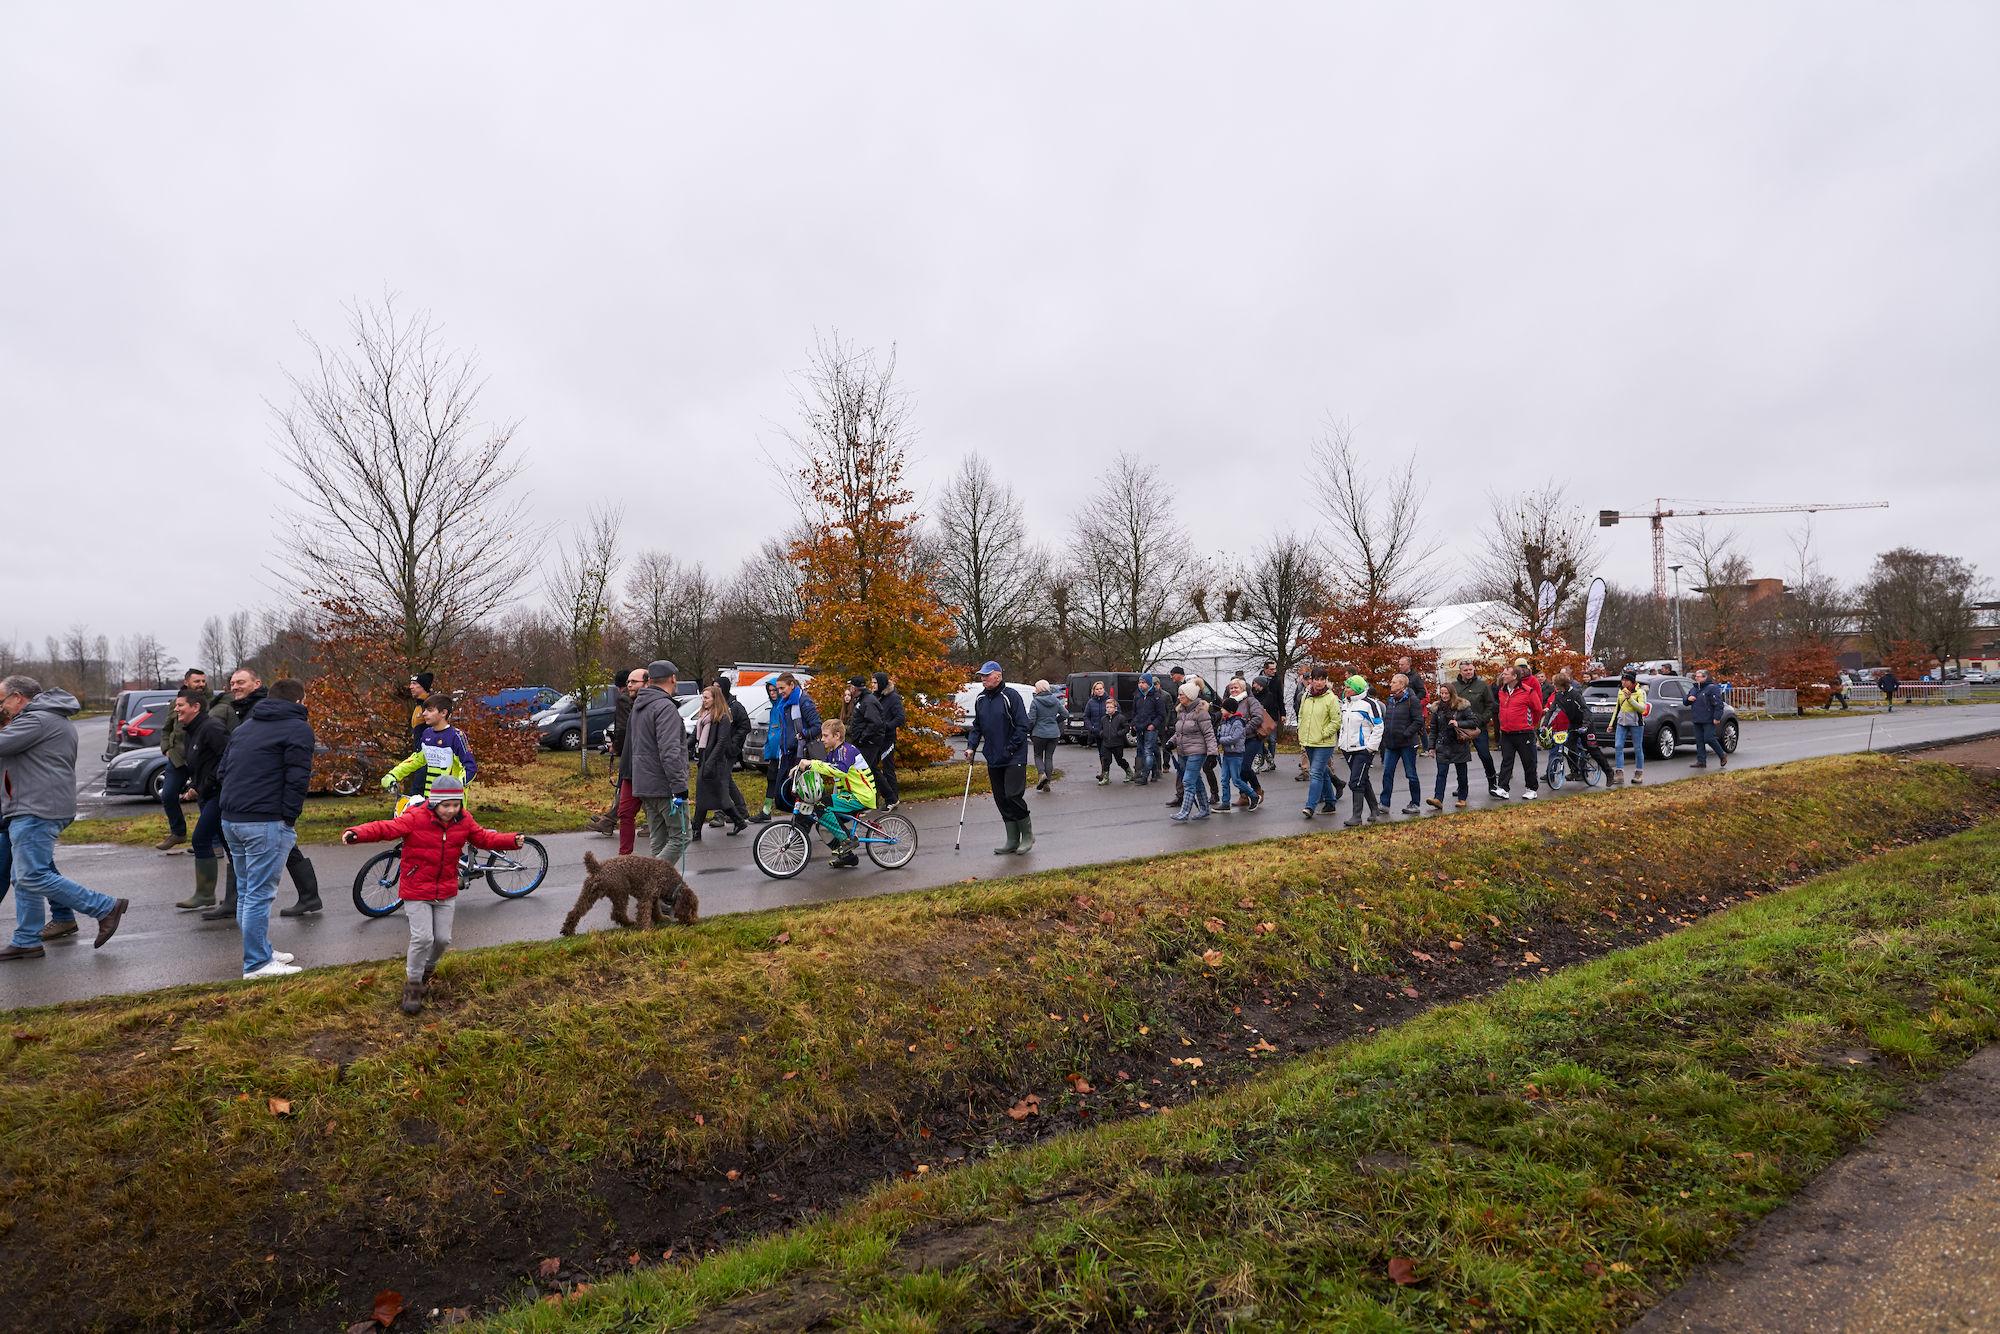 20181128_Puyenbroeck_officiele opening BMX parcour (38).jpg